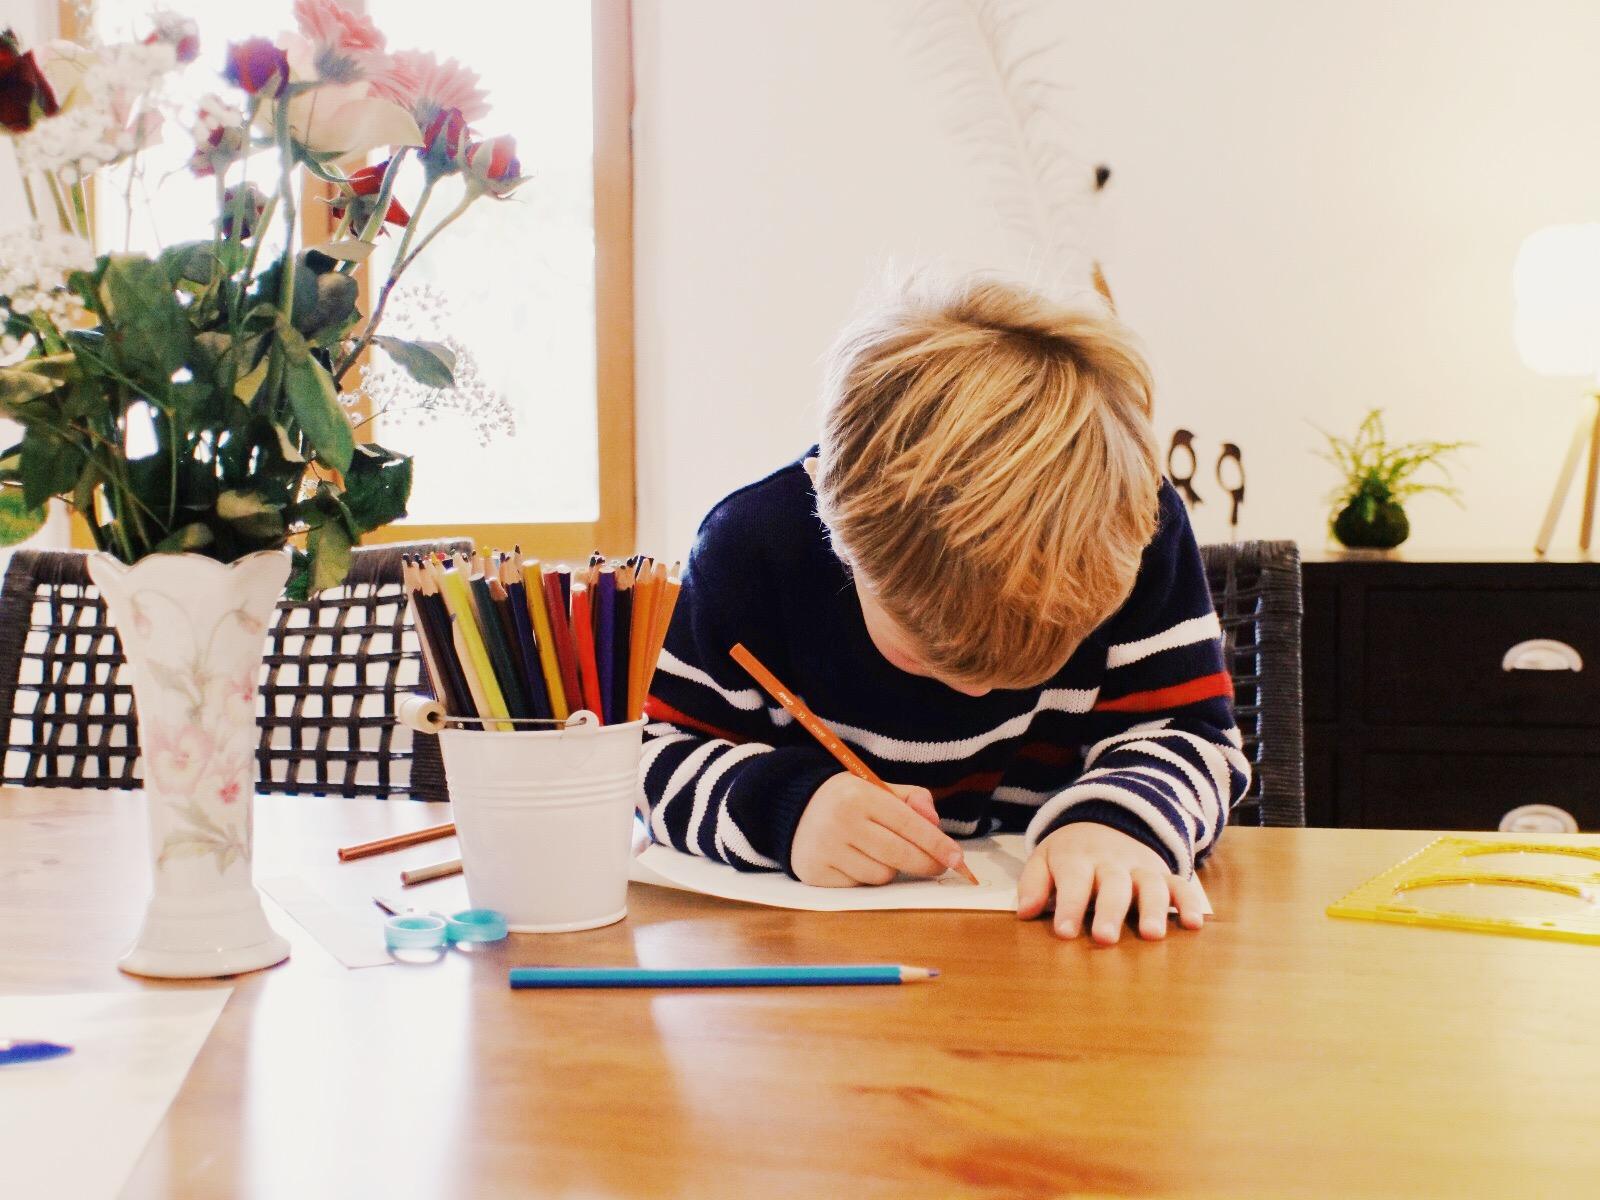 Idées cadeaux pour l'enfant de 5 à 6 ans. Alimenter les besoins de l'enfant